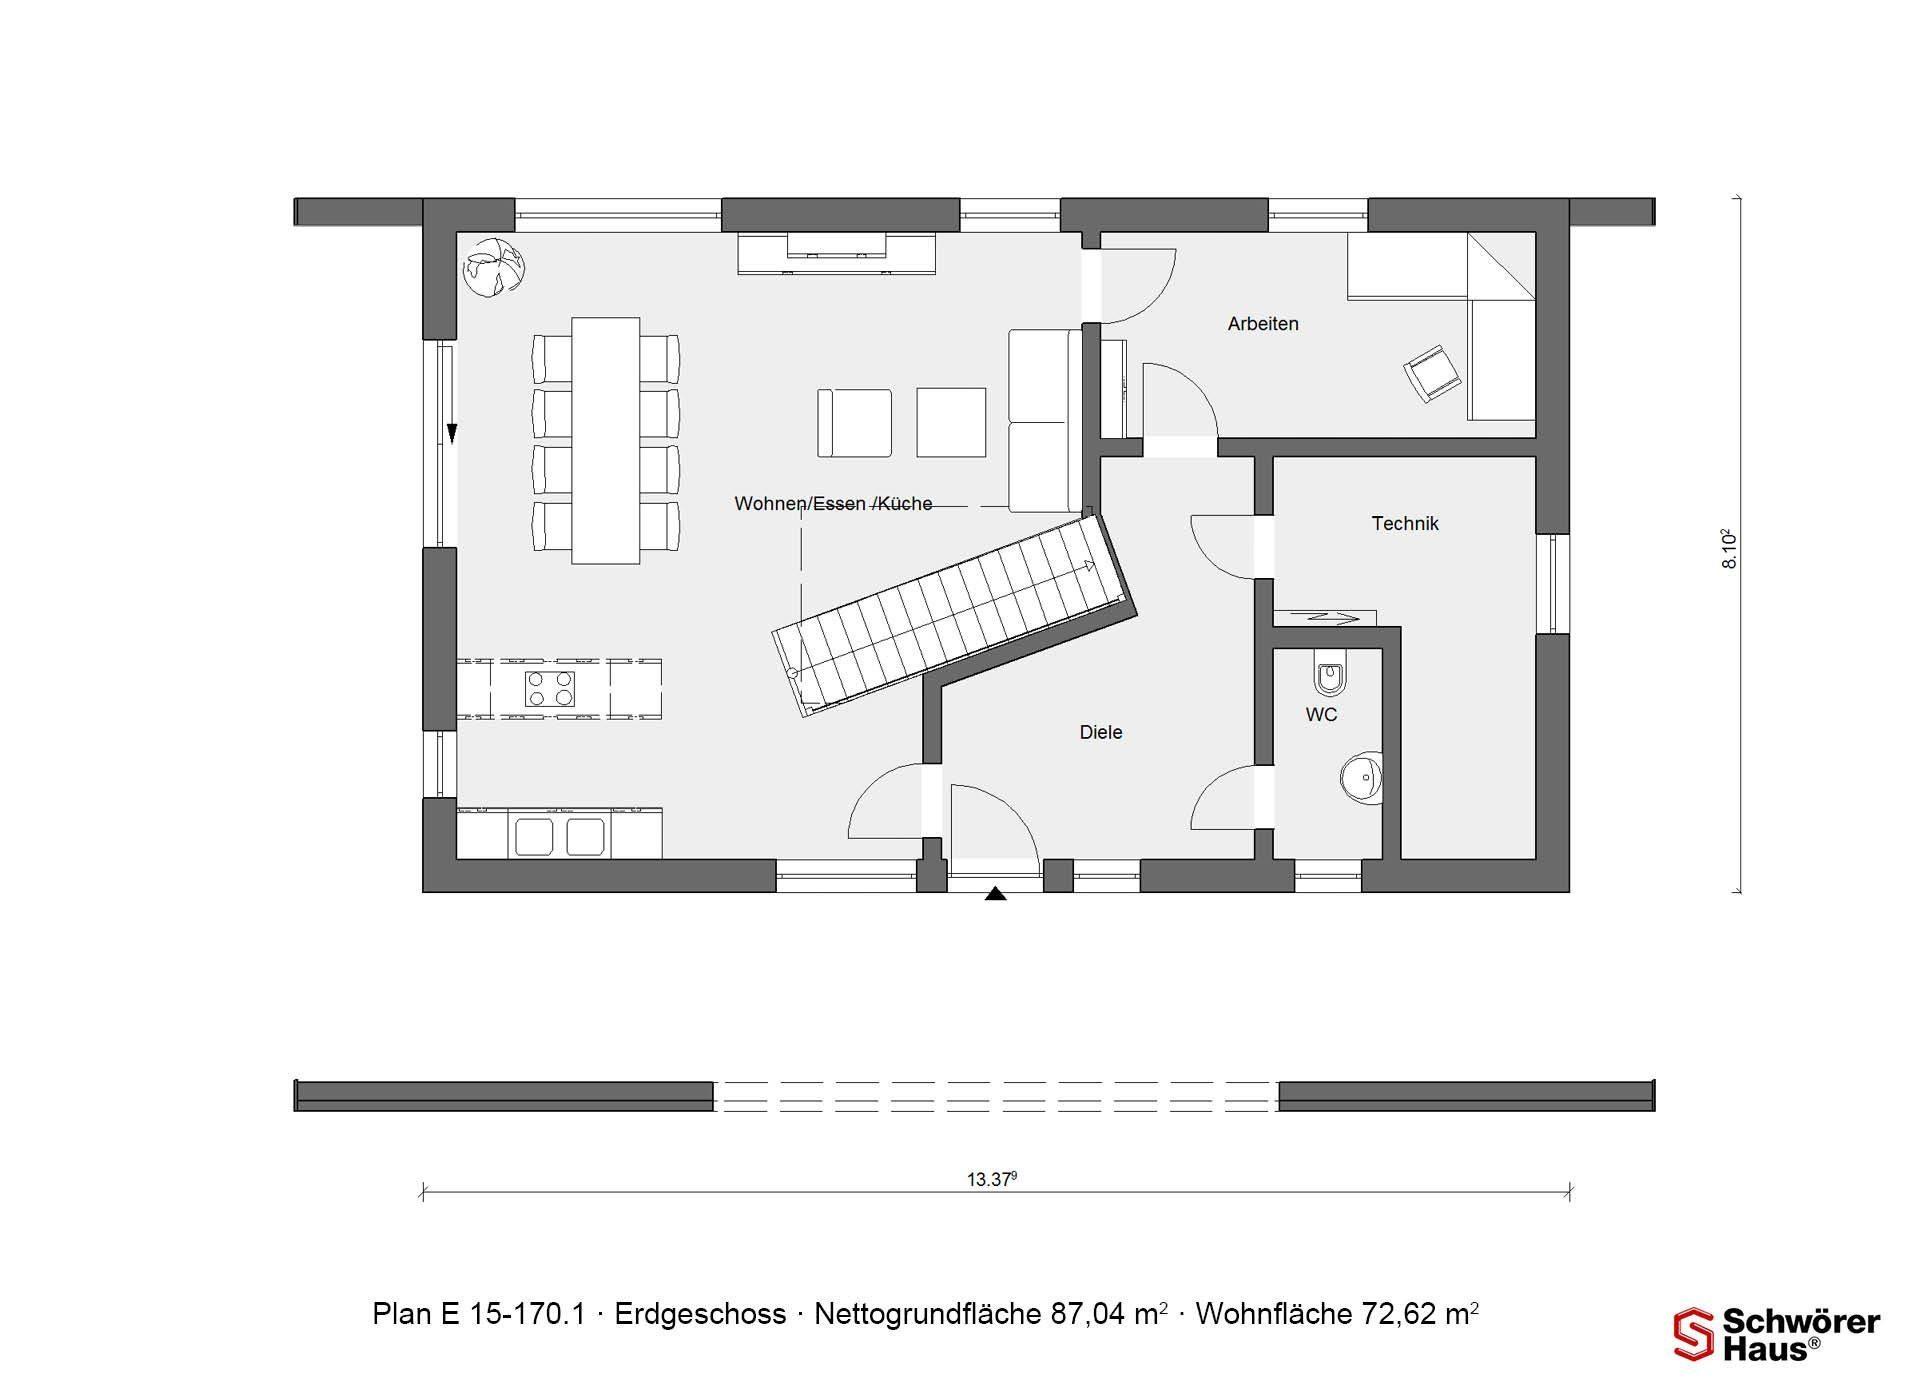 Plan E 15-140.1 - Ein Screenshot eines Videospiels - Gebäudeplan